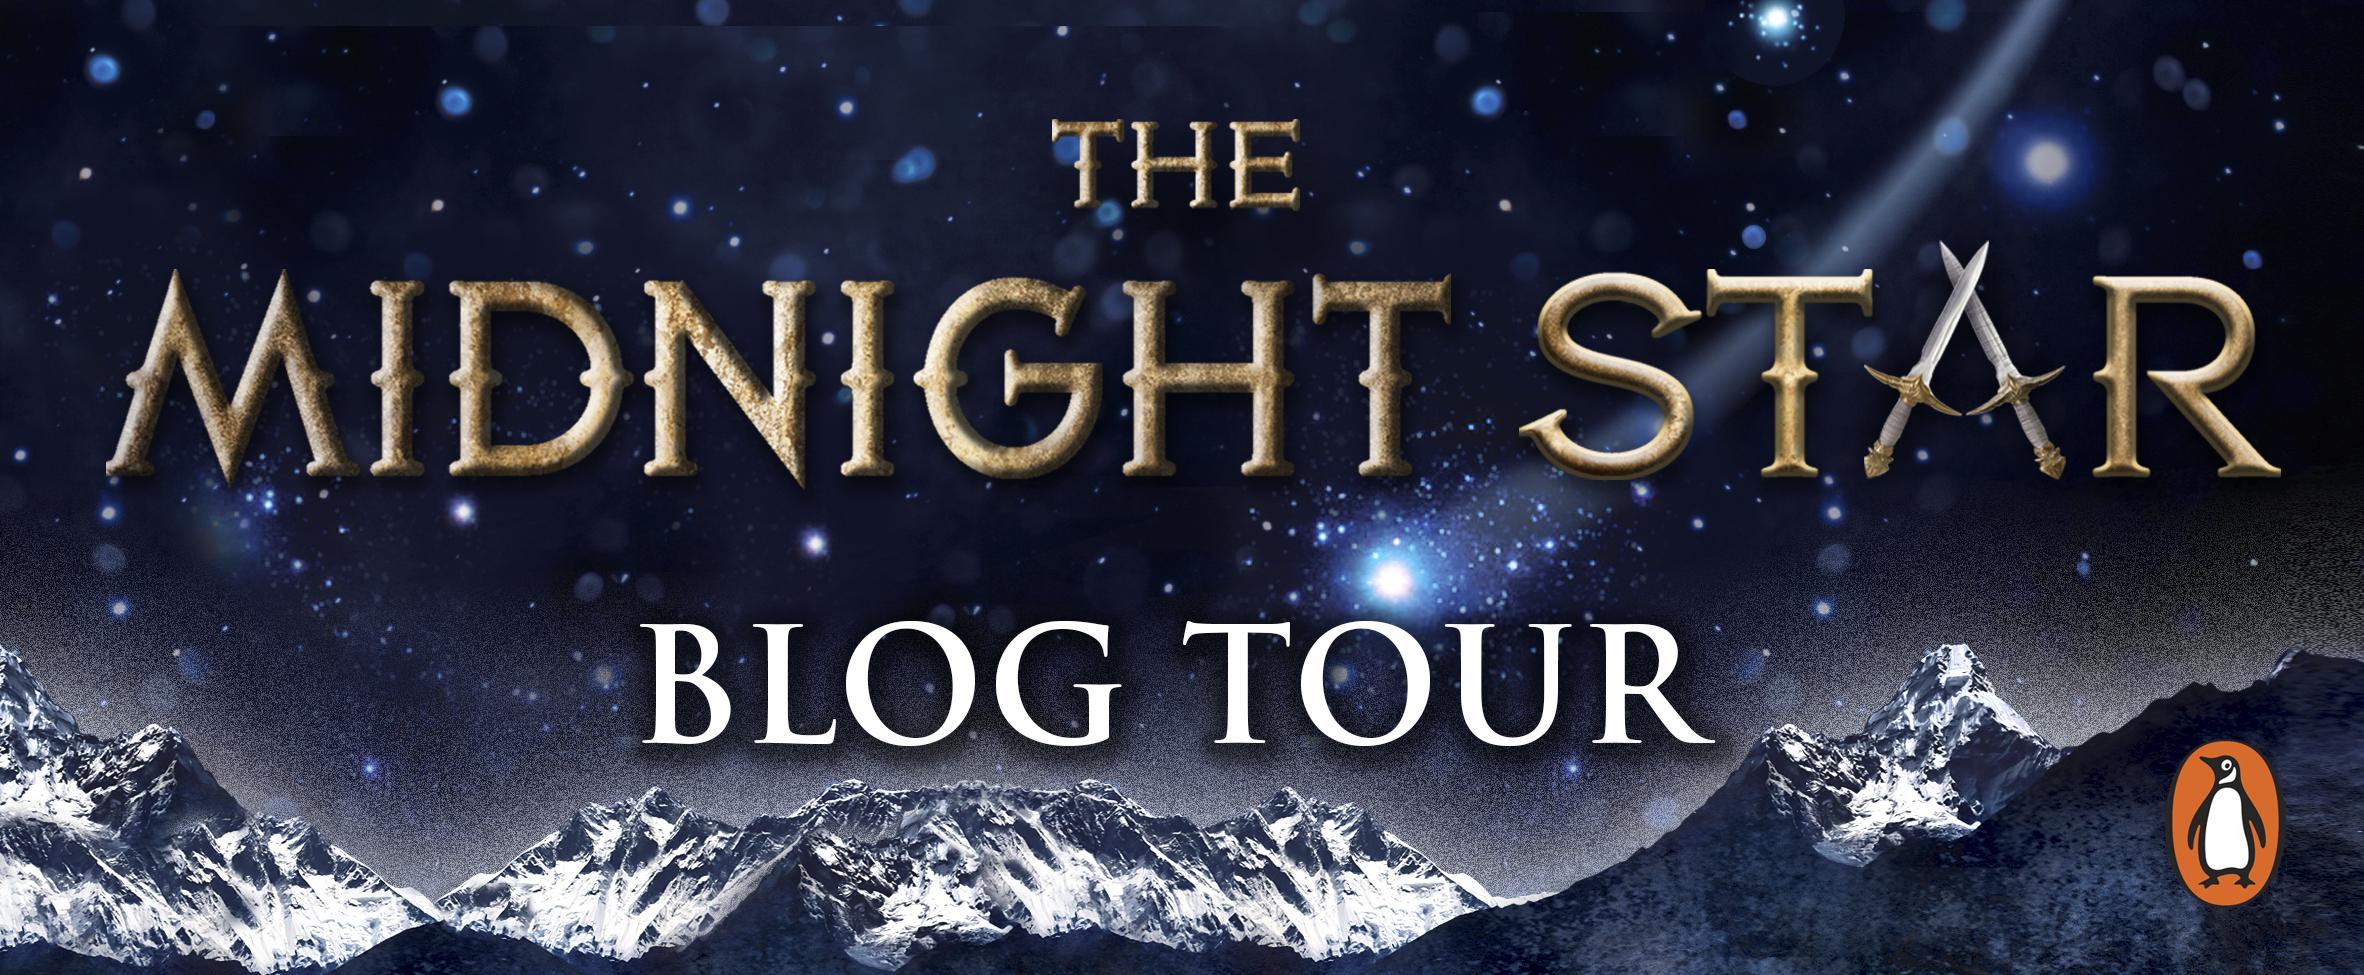 midnightstar_blogbanner